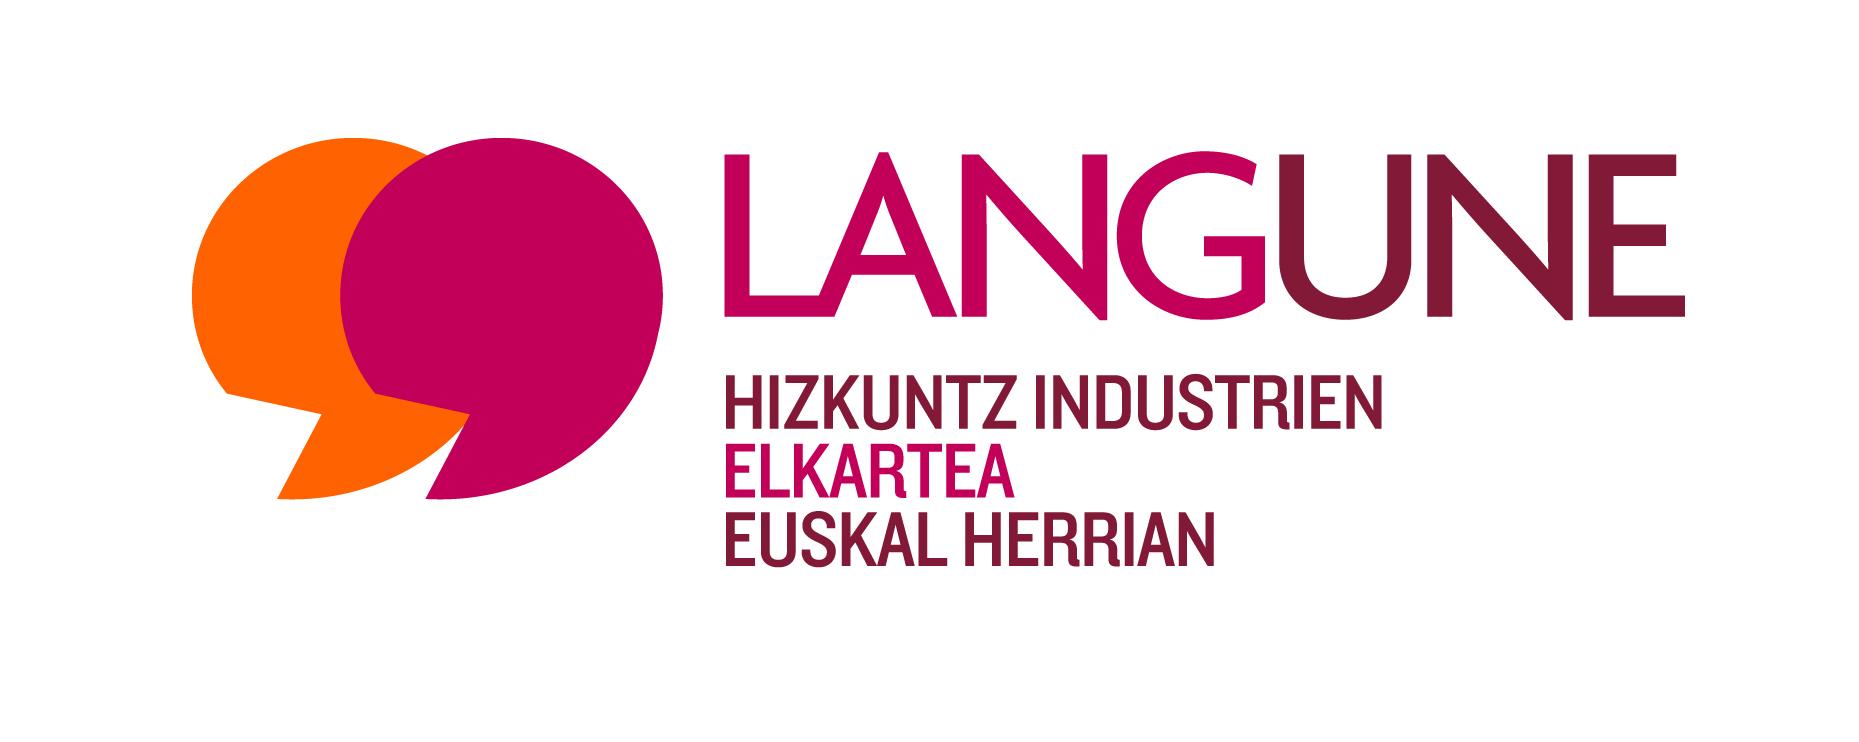 Logotipo en euskera